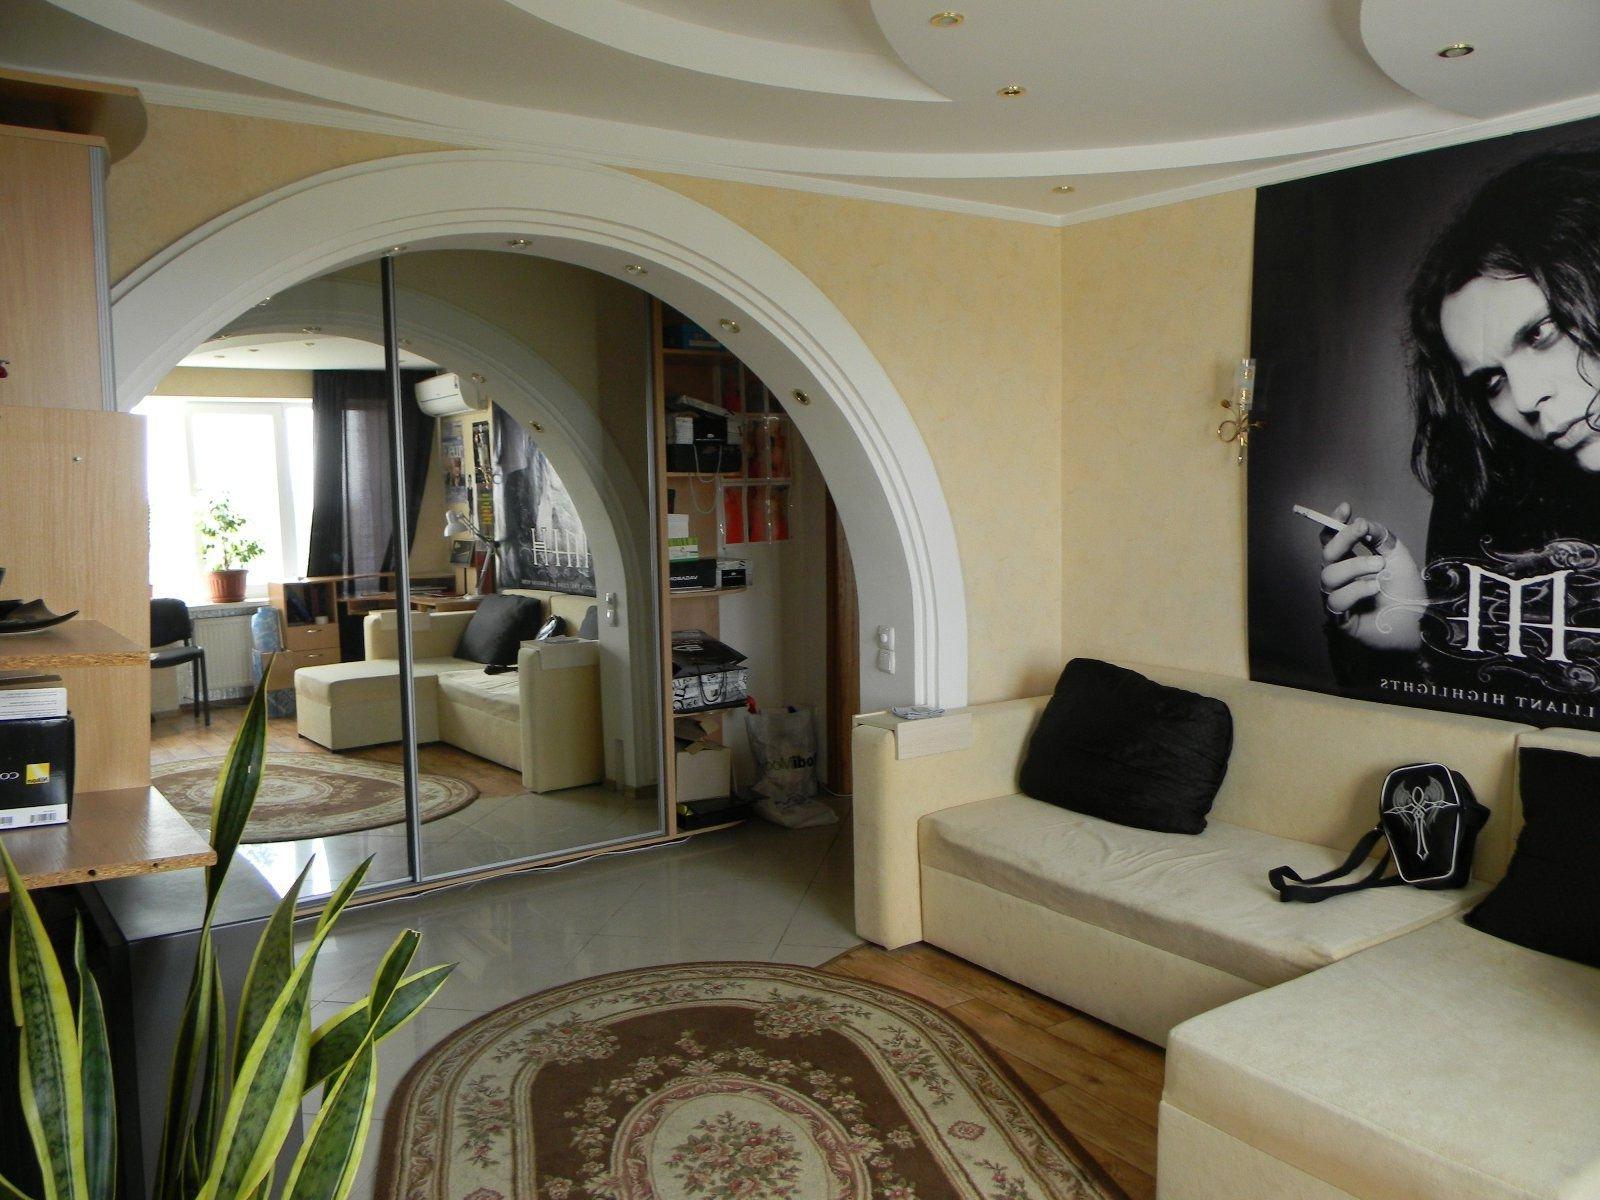 Оформление арки в квартире фото